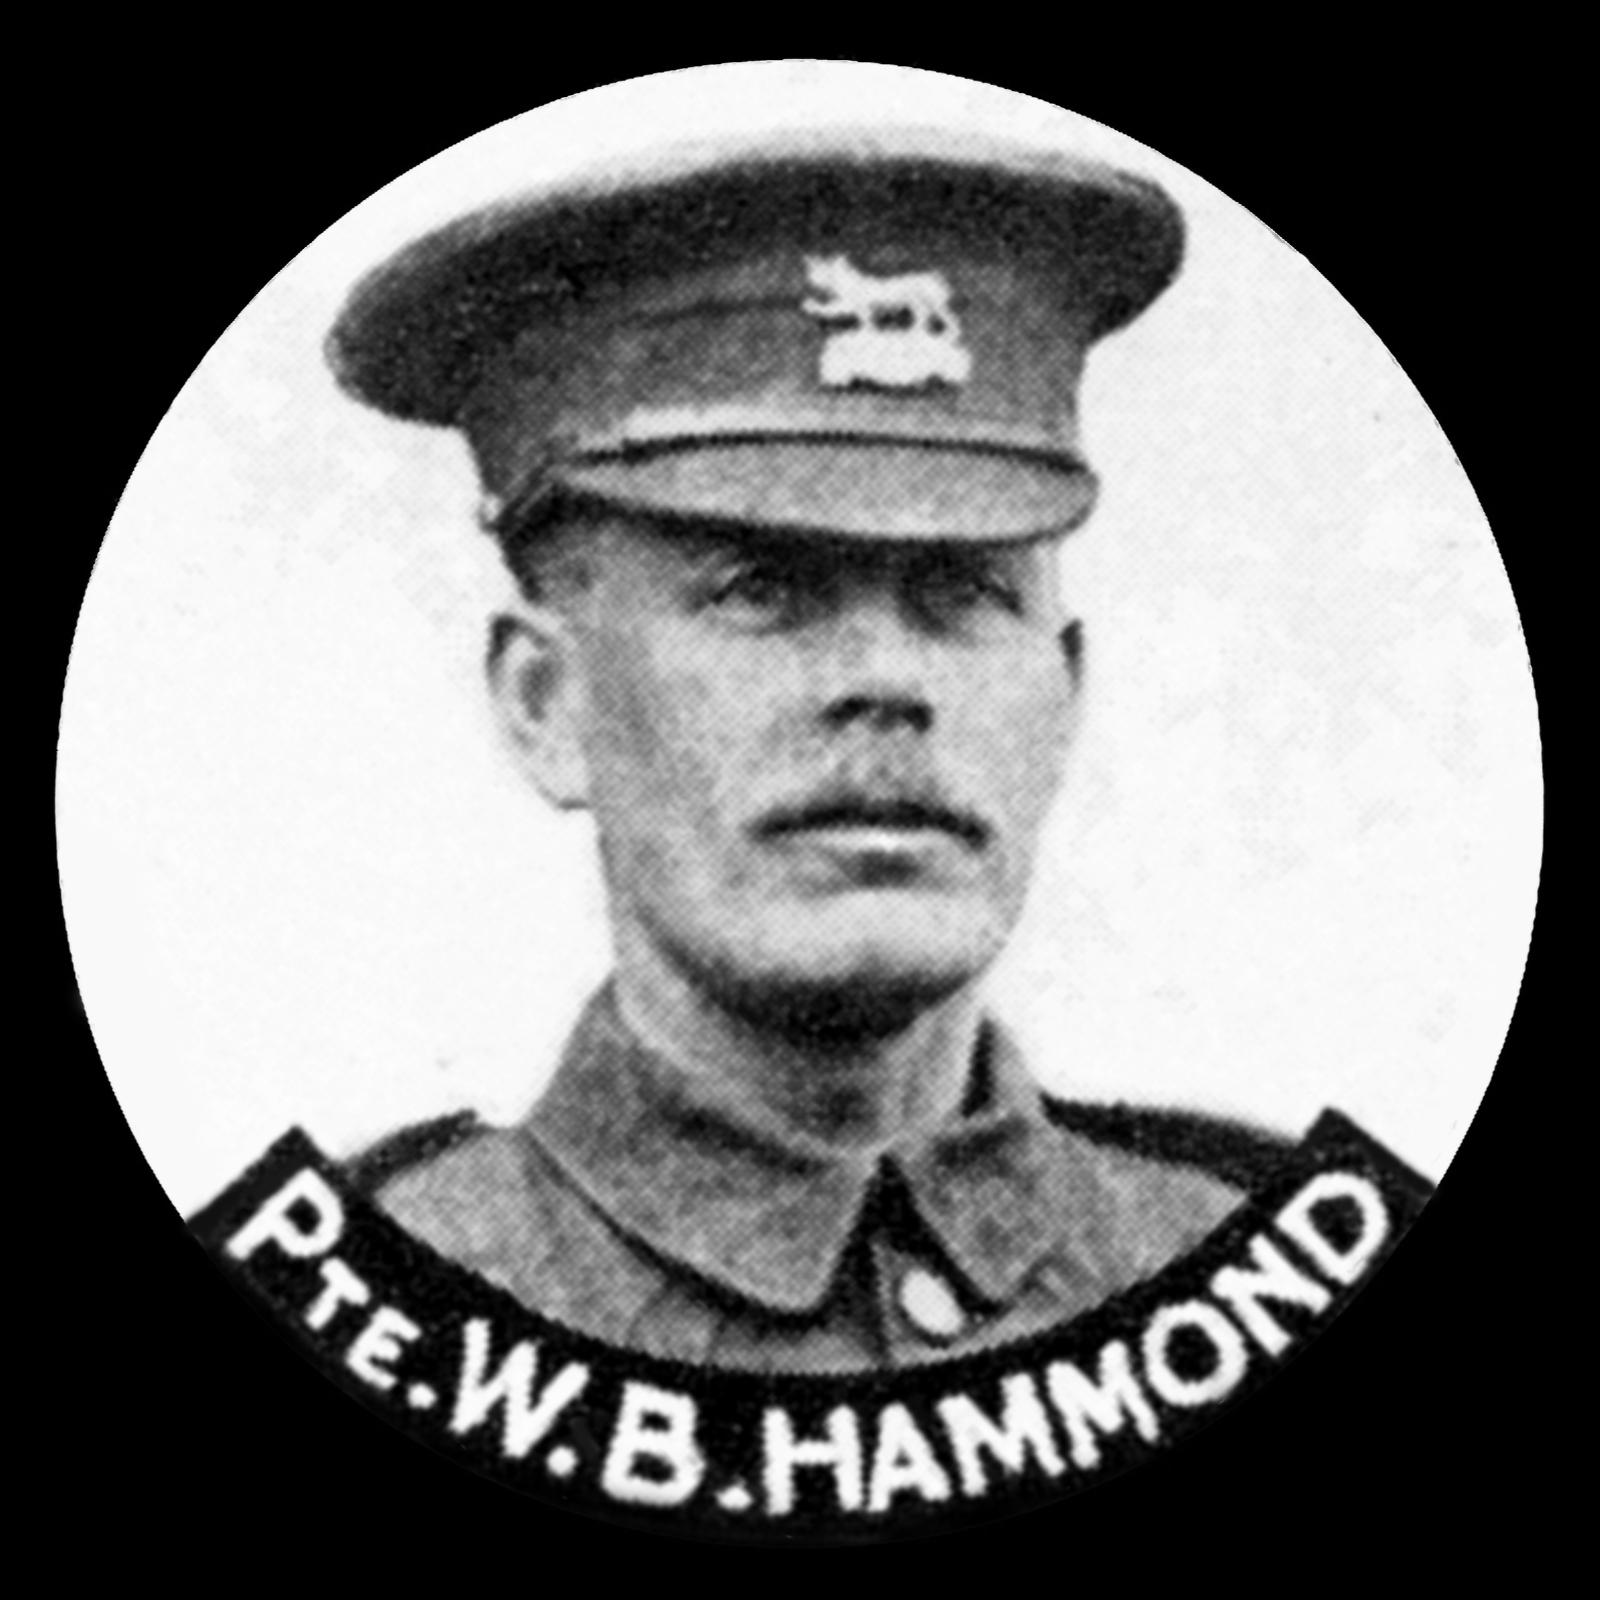 HAMMOND William Bent